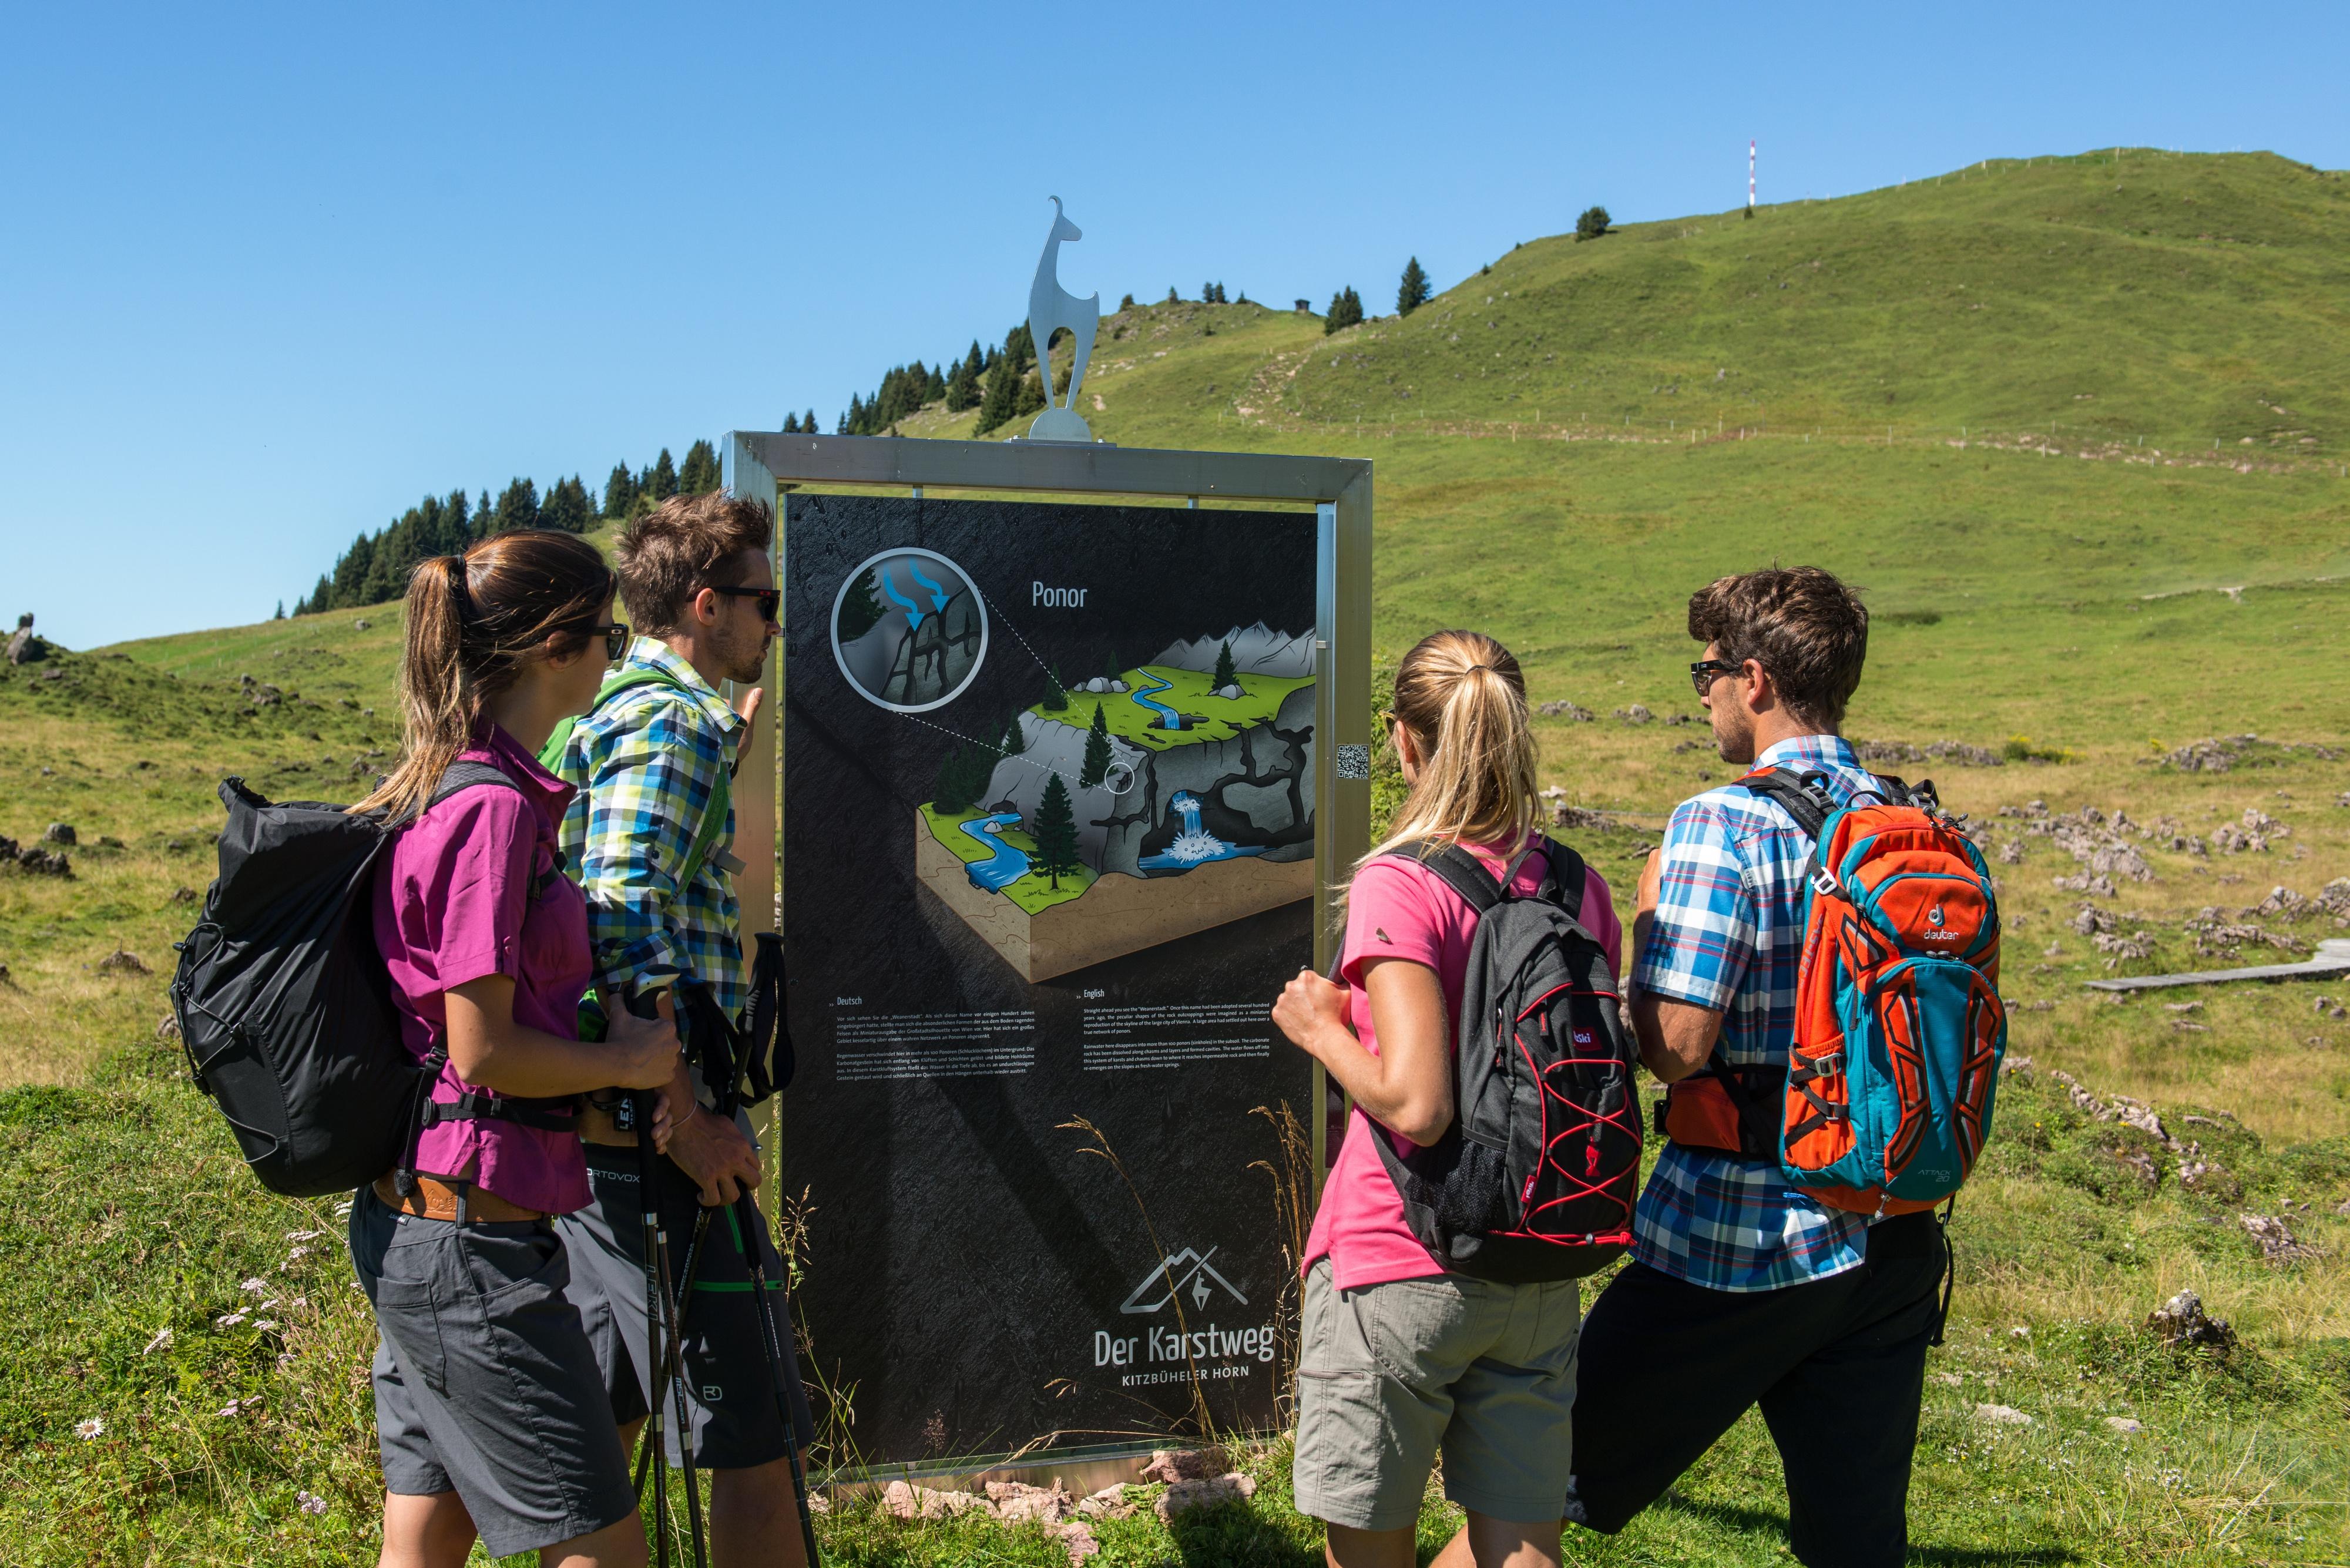 Wanderung Kitzbühel Gruppe Freunde Plakat Beschilderung Weg